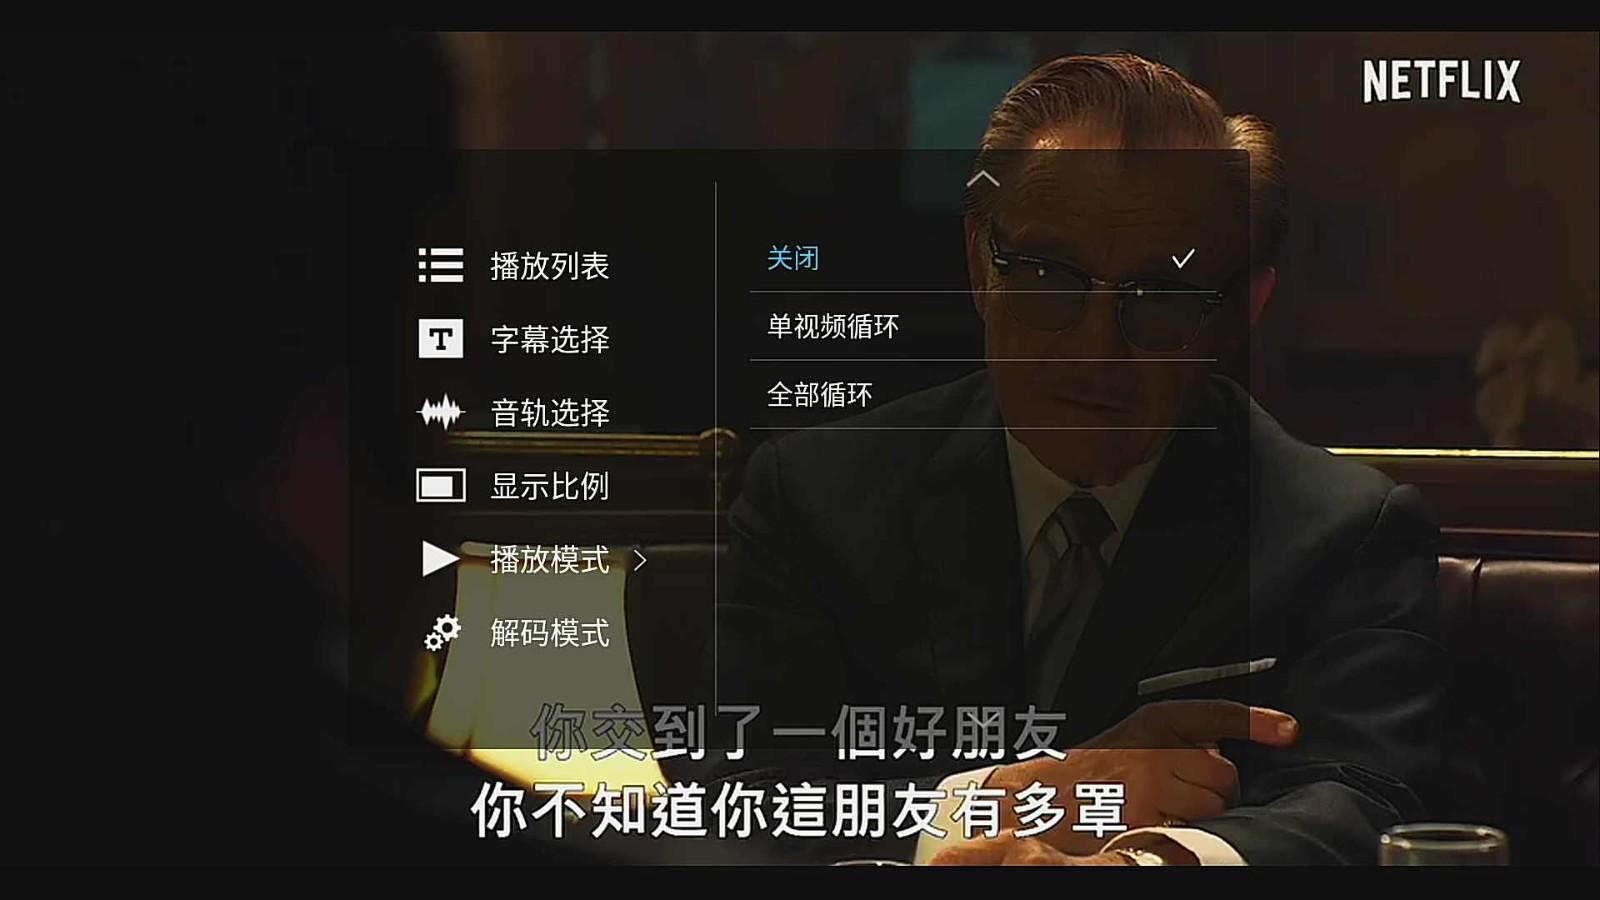 Screenshot 2021-08-09 15-44-23.jpg